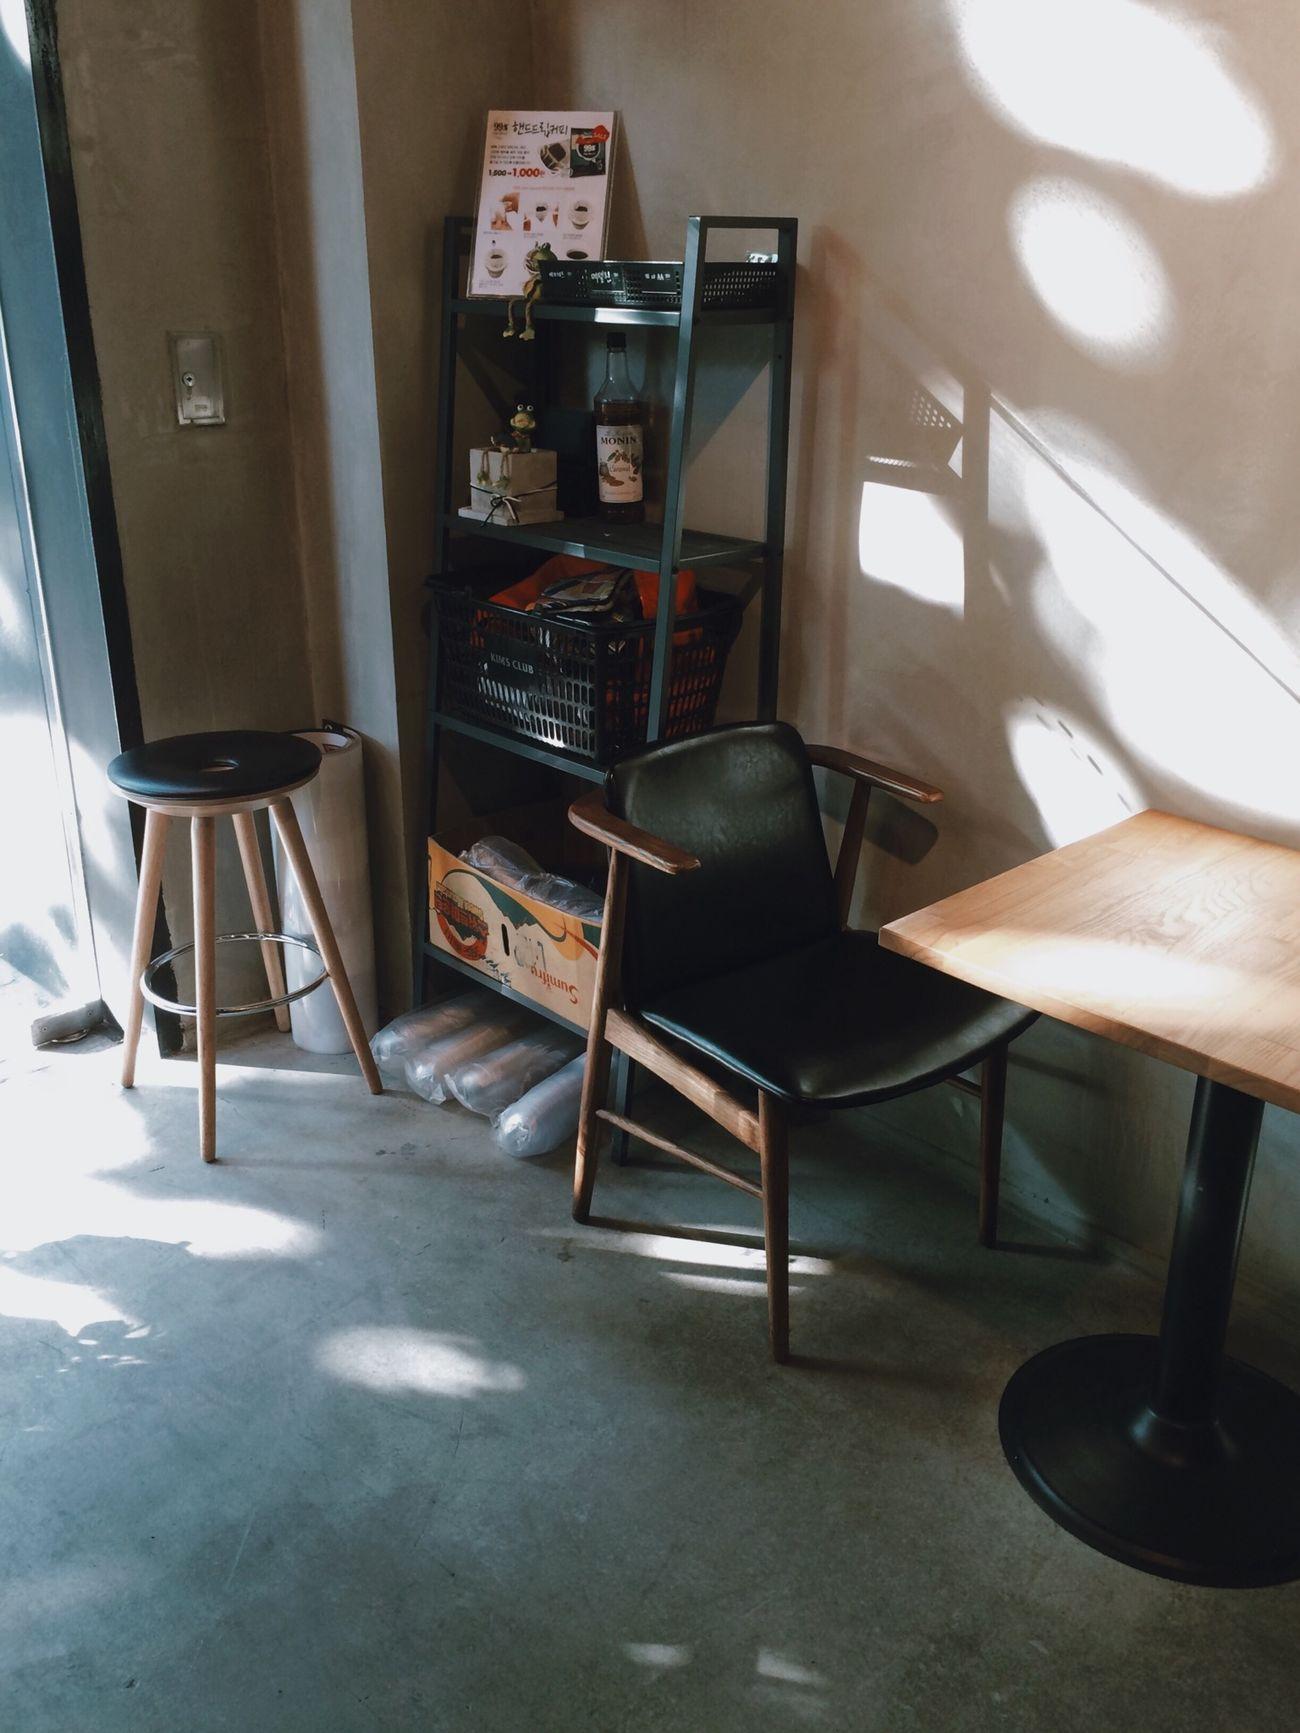 VSCO Vscocam Cafe